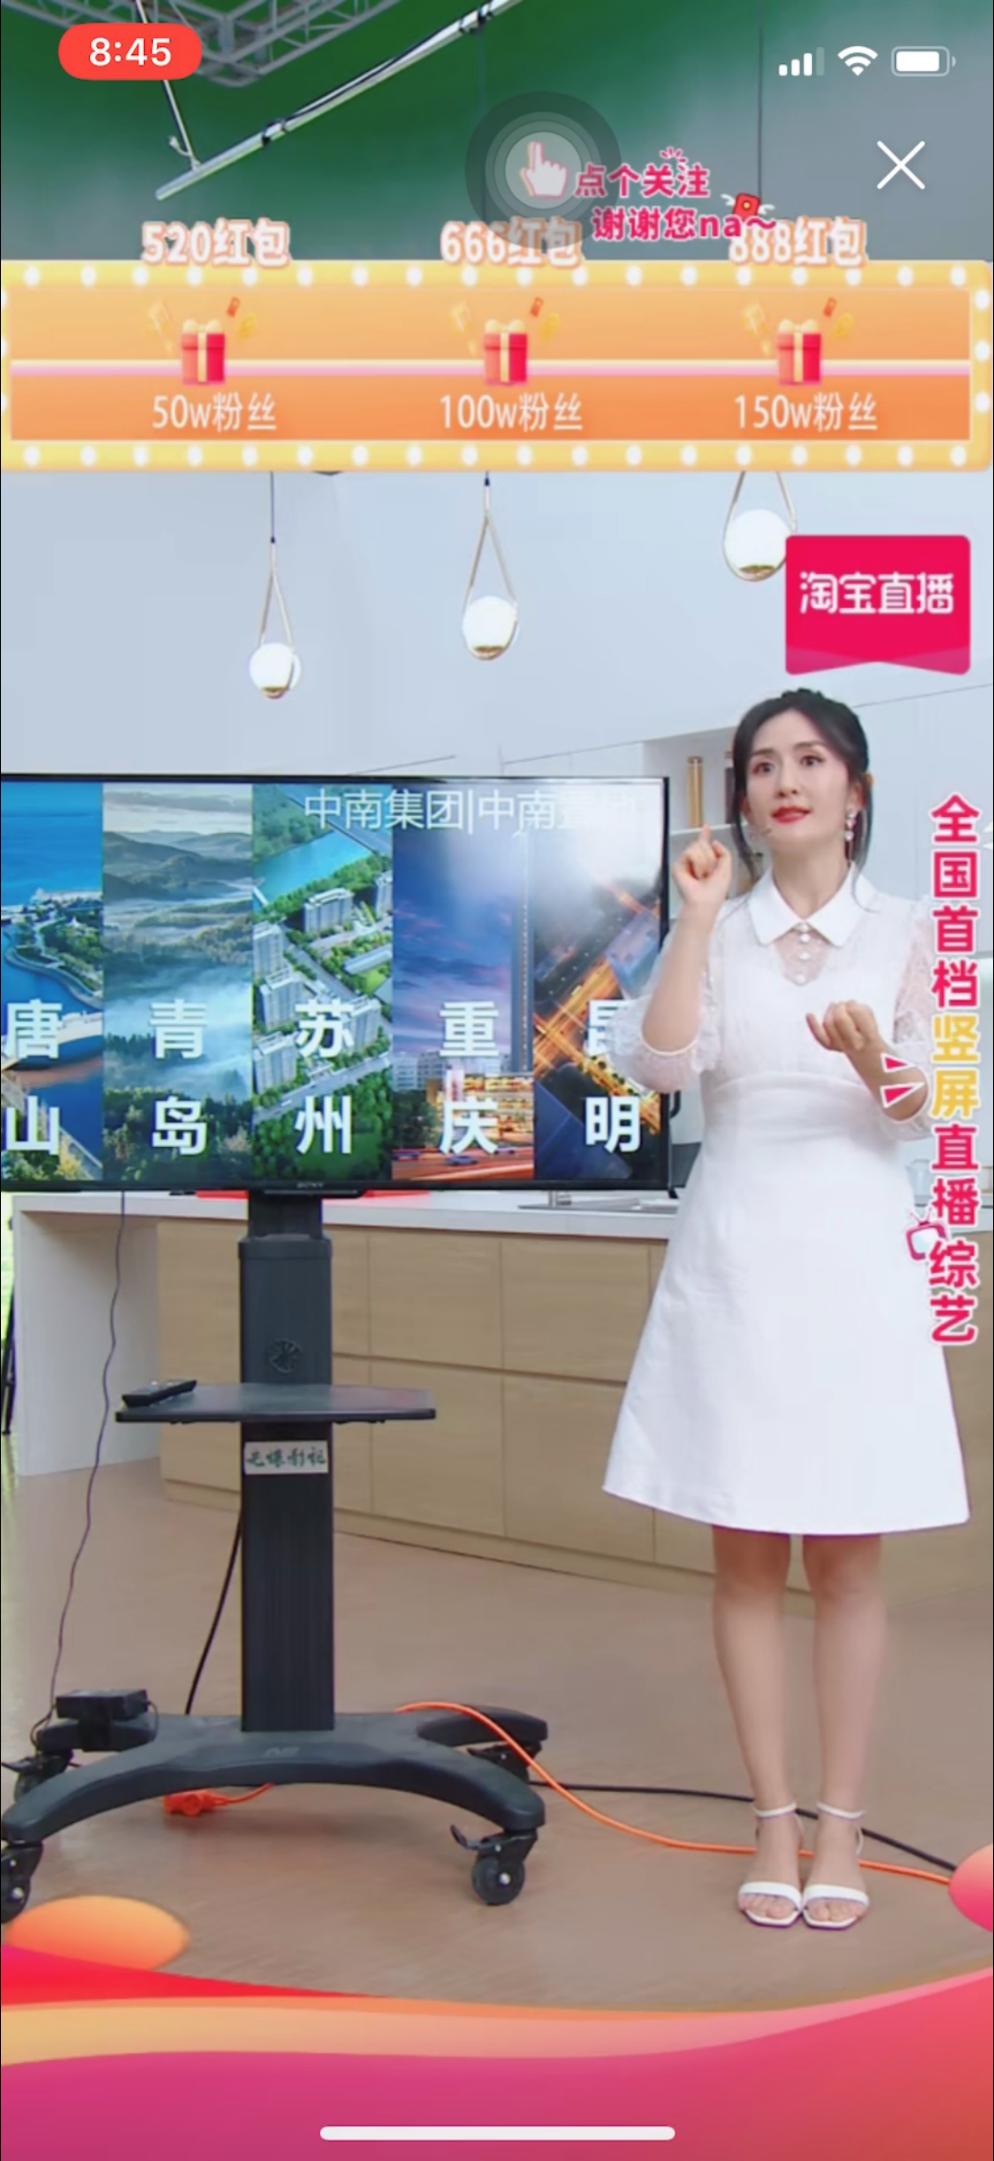 谢娜直播首秀GMV预估破亿,20分钟为中南置地卖出72套房!